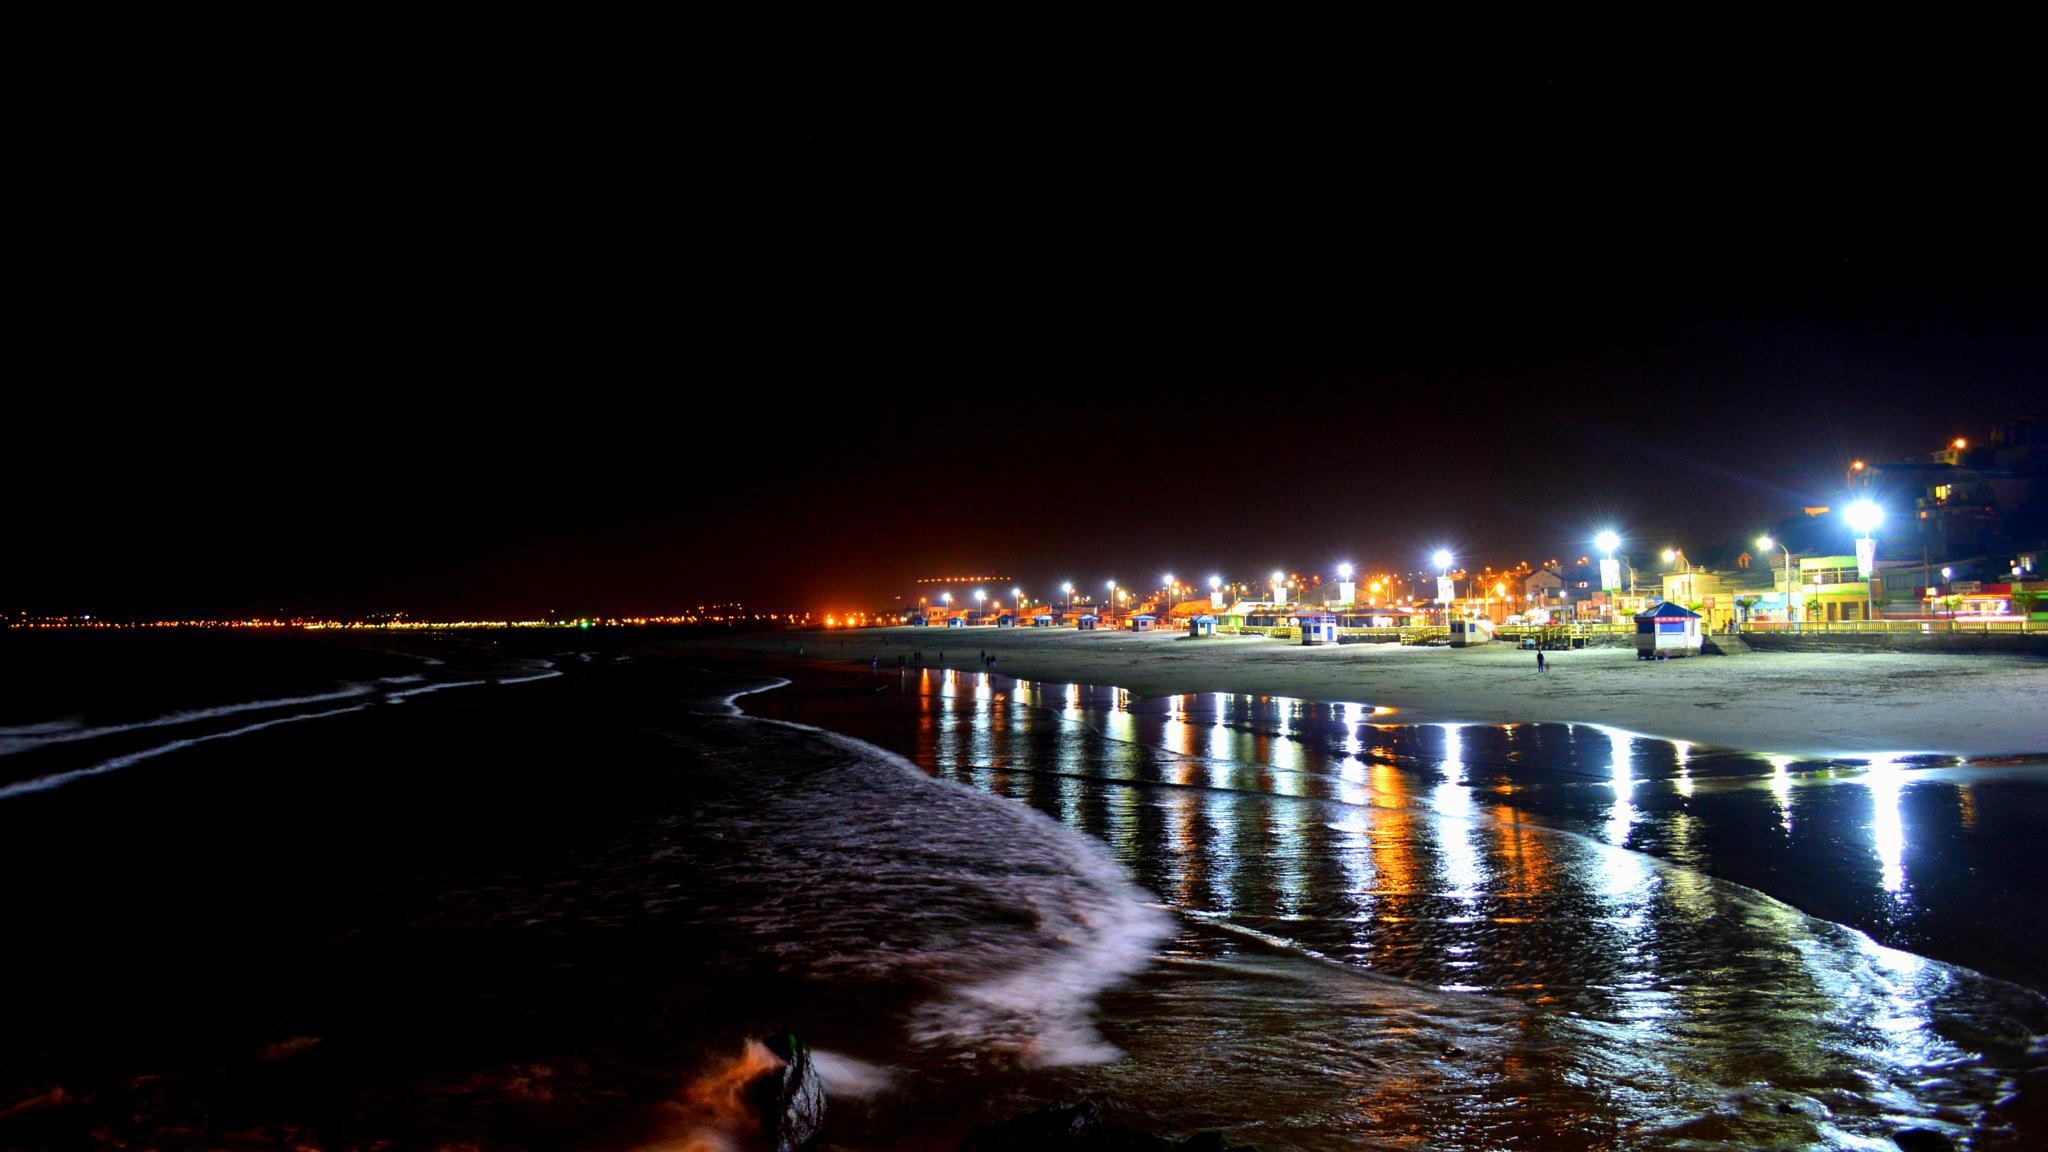 Reflejos nocturnos by CarlosVenegas.